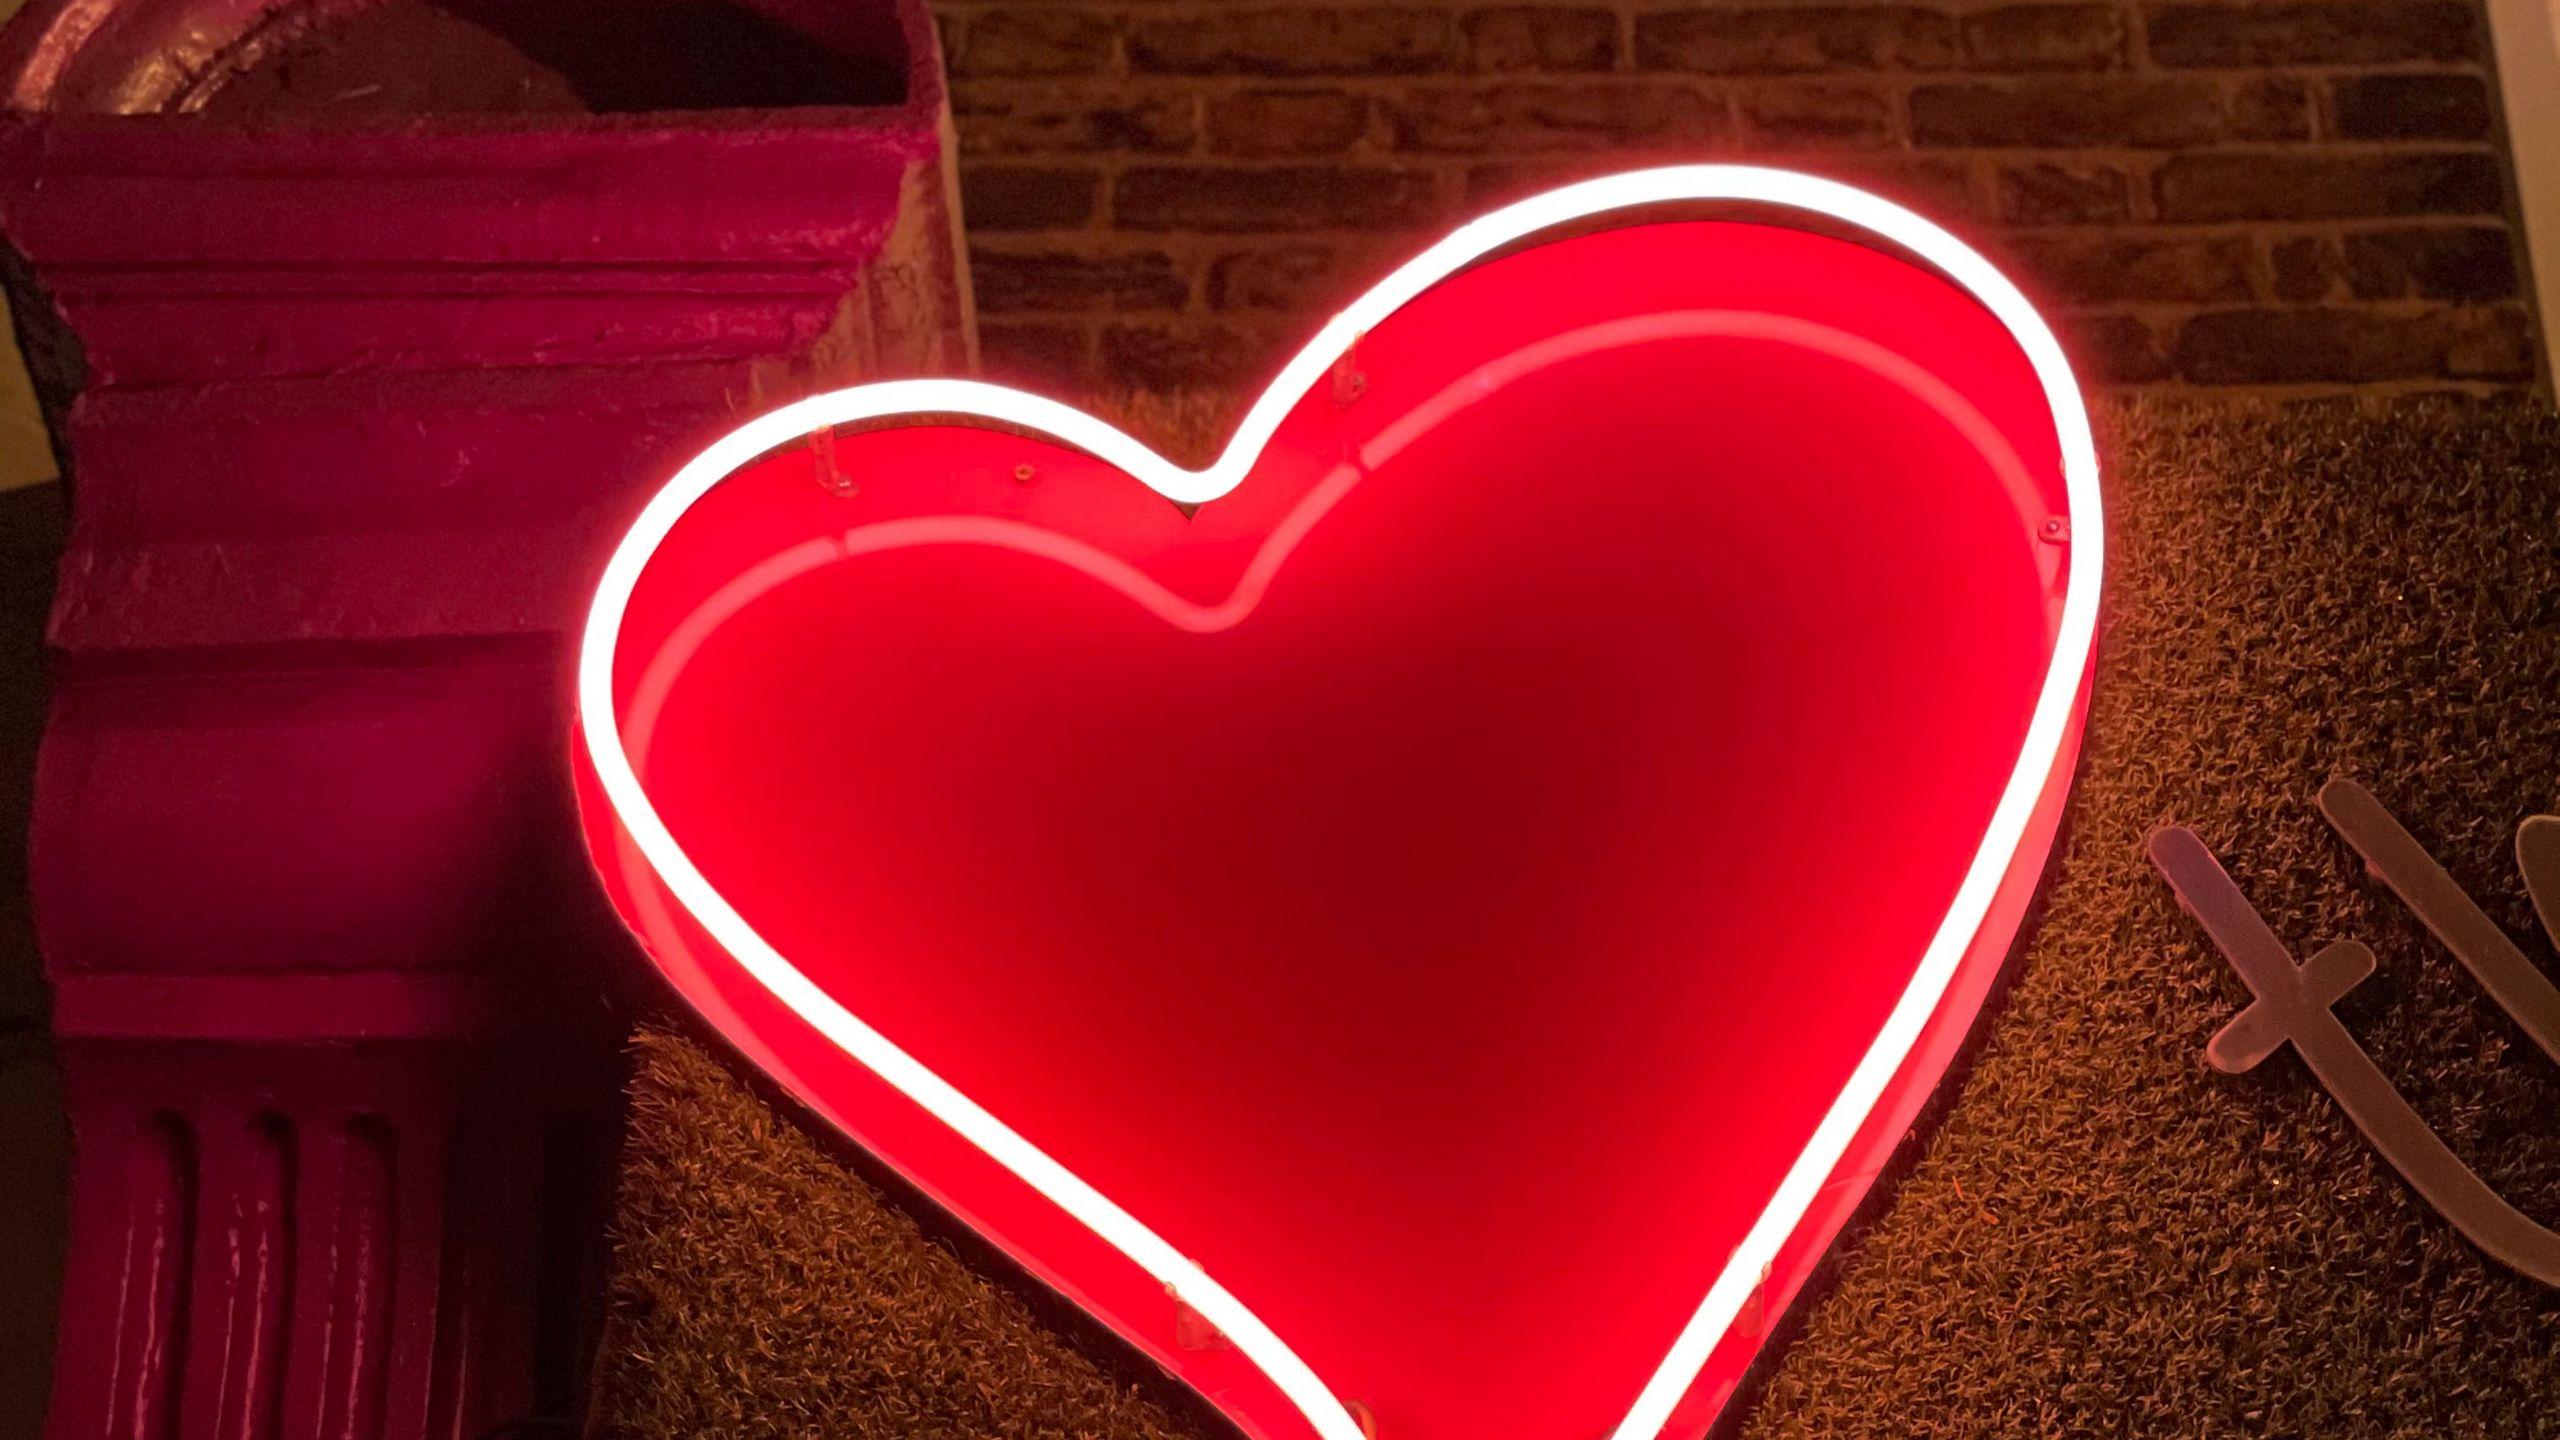 2560x1440 Wallpaper heart, neon, light, red, love